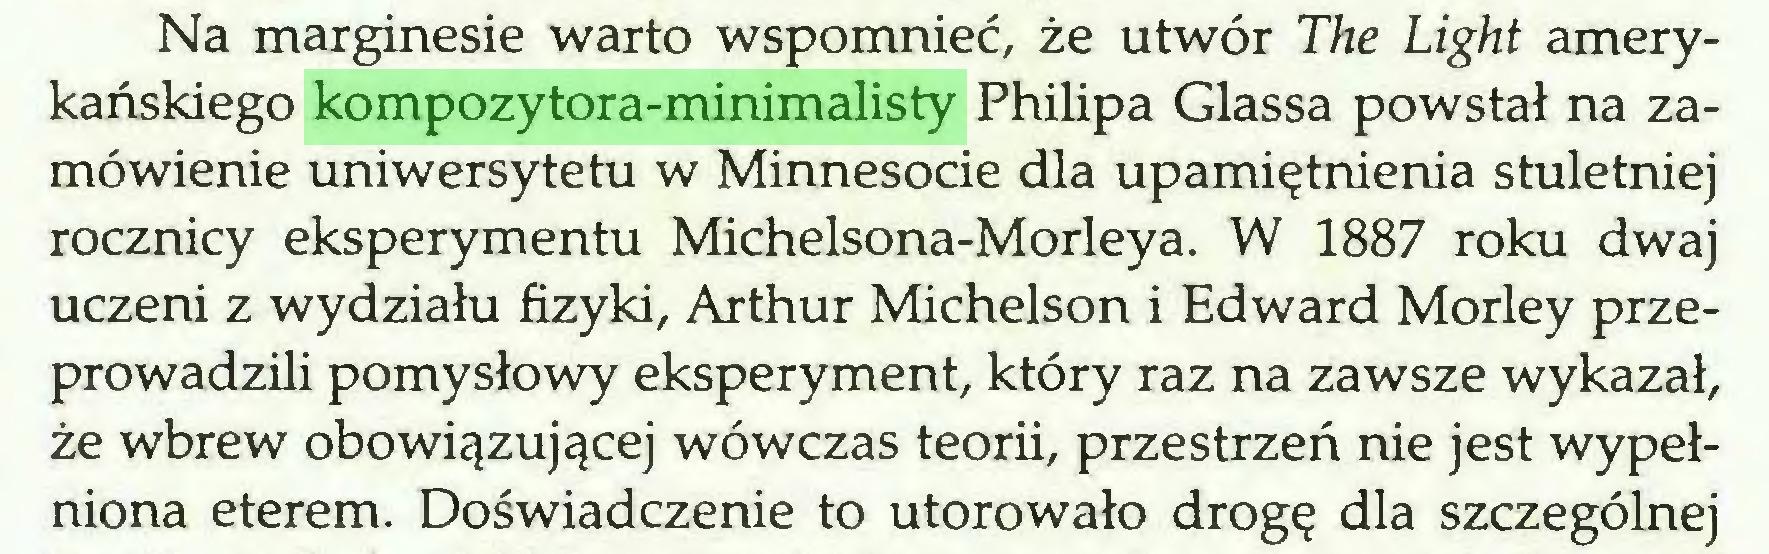 (...) Na marginesie warto wspomnieć, że utwór The Light amerykańskiego kompozytora-minimalisty Philipa Glassa powstał na zamówienie uniwersytetu w Minnesocie dla upamiętnienia stuletniej rocznicy eksperymentu Michelsona-Morleya. W 1887 roku dwaj uczeni z wydziału fizyki, Arthur Michelson i Edward Morley przeprowadzili pomysłowy eksperyment, który raz na zawsze wykazał, że wbrew obowiązującej wówczas teorii, przestrzeń nie jest wypełniona eterem. Doświadczenie to utorowało drogę dla szczególnej...